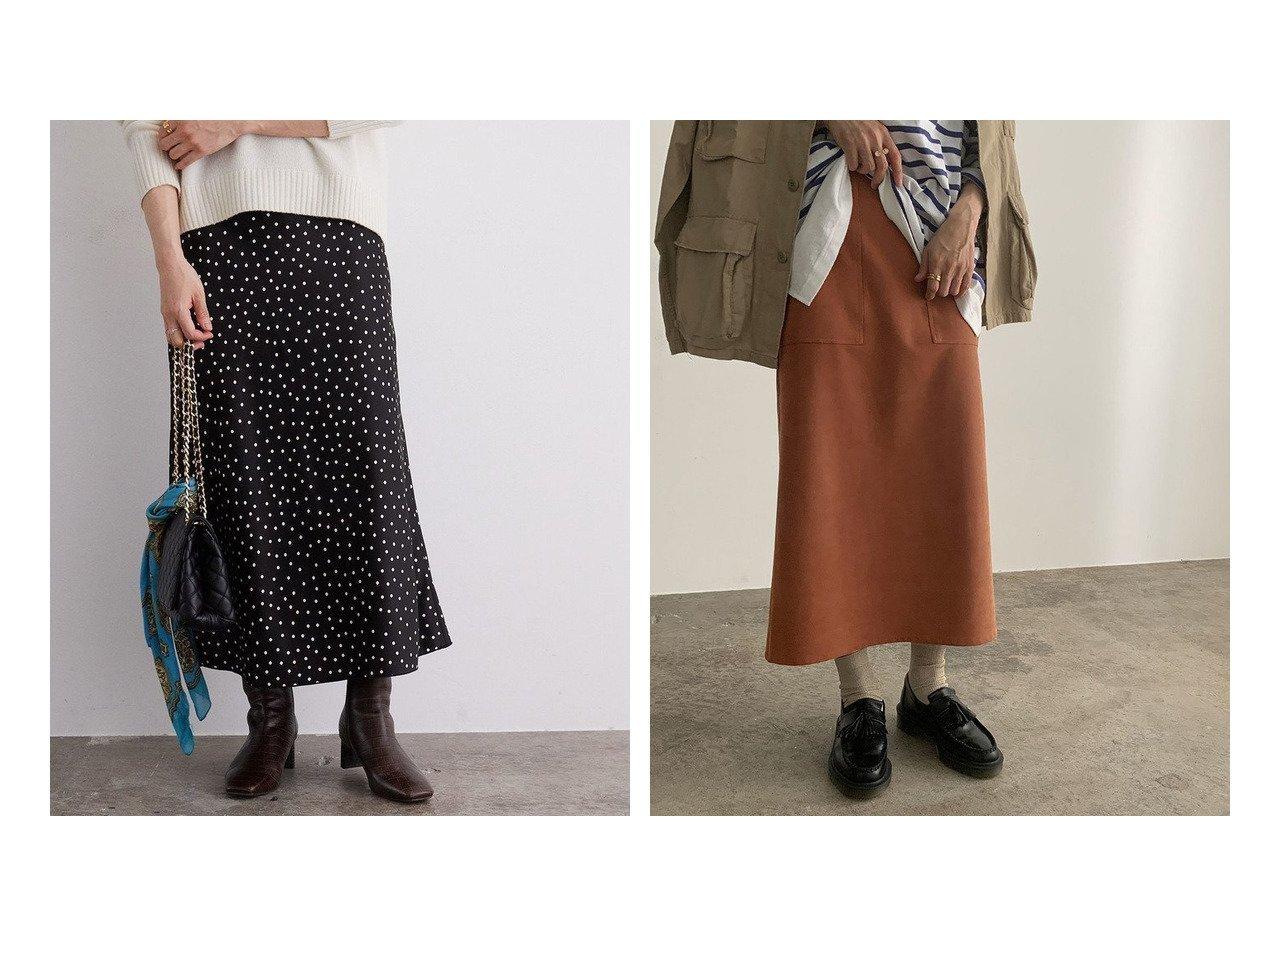 【ROPE' mademoiselle/ロペ マドモアゼル】のドットサテンロングスカート&ストレッチフェイクスエードタイトスカート スカートのおすすめ!人気、レディースファッションの通販 おすすめで人気のファッション通販商品 インテリア・家具・キッズファッション・メンズファッション・レディースファッション・服の通販 founy(ファニー) https://founy.com/ ファッション Fashion レディース WOMEN スカート Skirt ロングスカート Long Skirt サテン ショート ドット バイアス フェミニン プリント マーメイド ミドル ランダム 春 秋 コンパクト ストレッチ ストレート スニーカー フェイクスエード ポケット 冬 Winter |ID:crp329100000002668